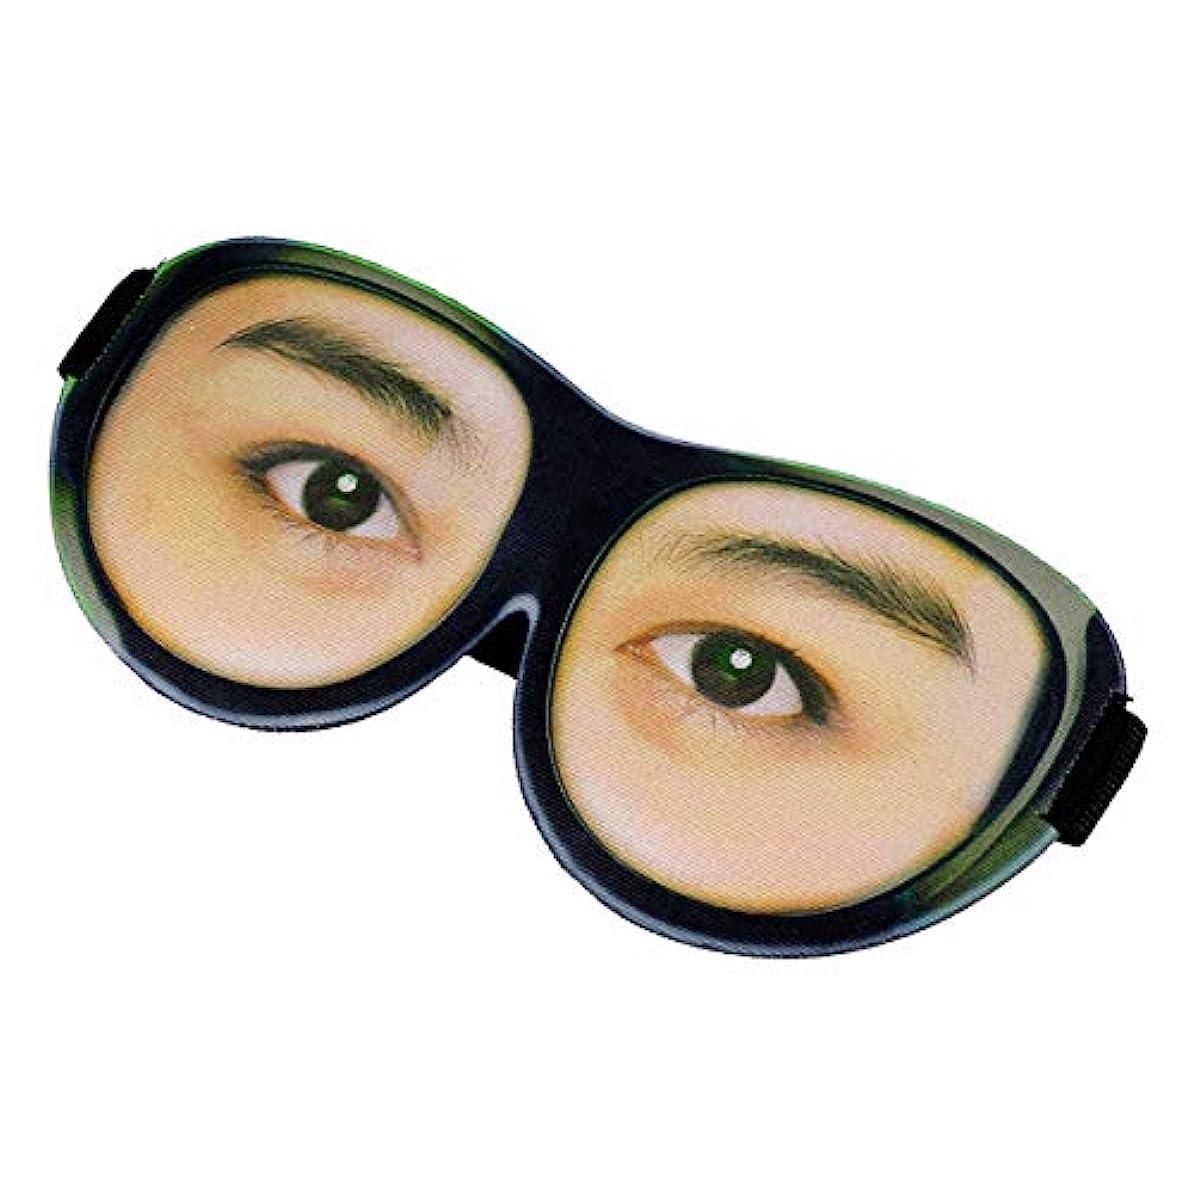 デコラティブクスコミットBeaupretty 睡眠マスクメガネ面白い3D調節可能ストラップ付きアイマスクアイシェード睡眠用アイシェード